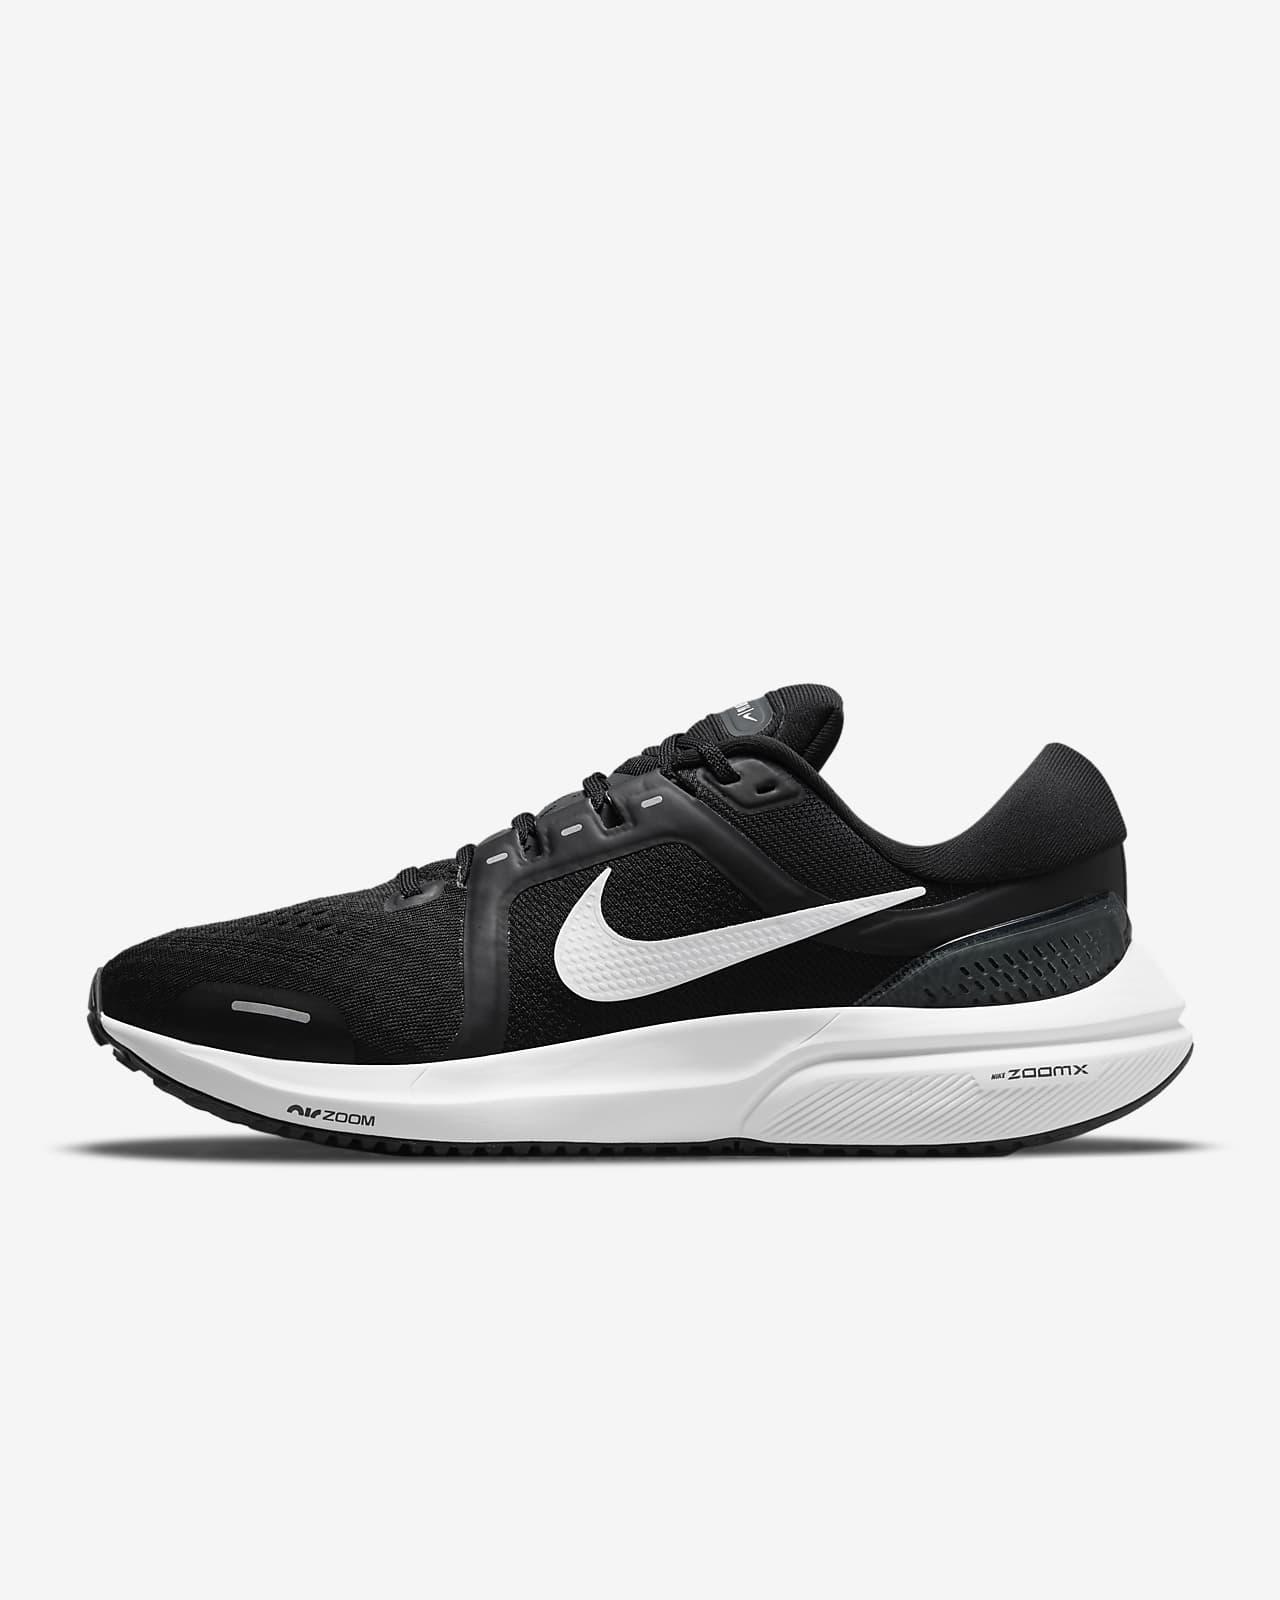 Nike Air Zoom Vomero 16 Herren-Straßenlaufschuh